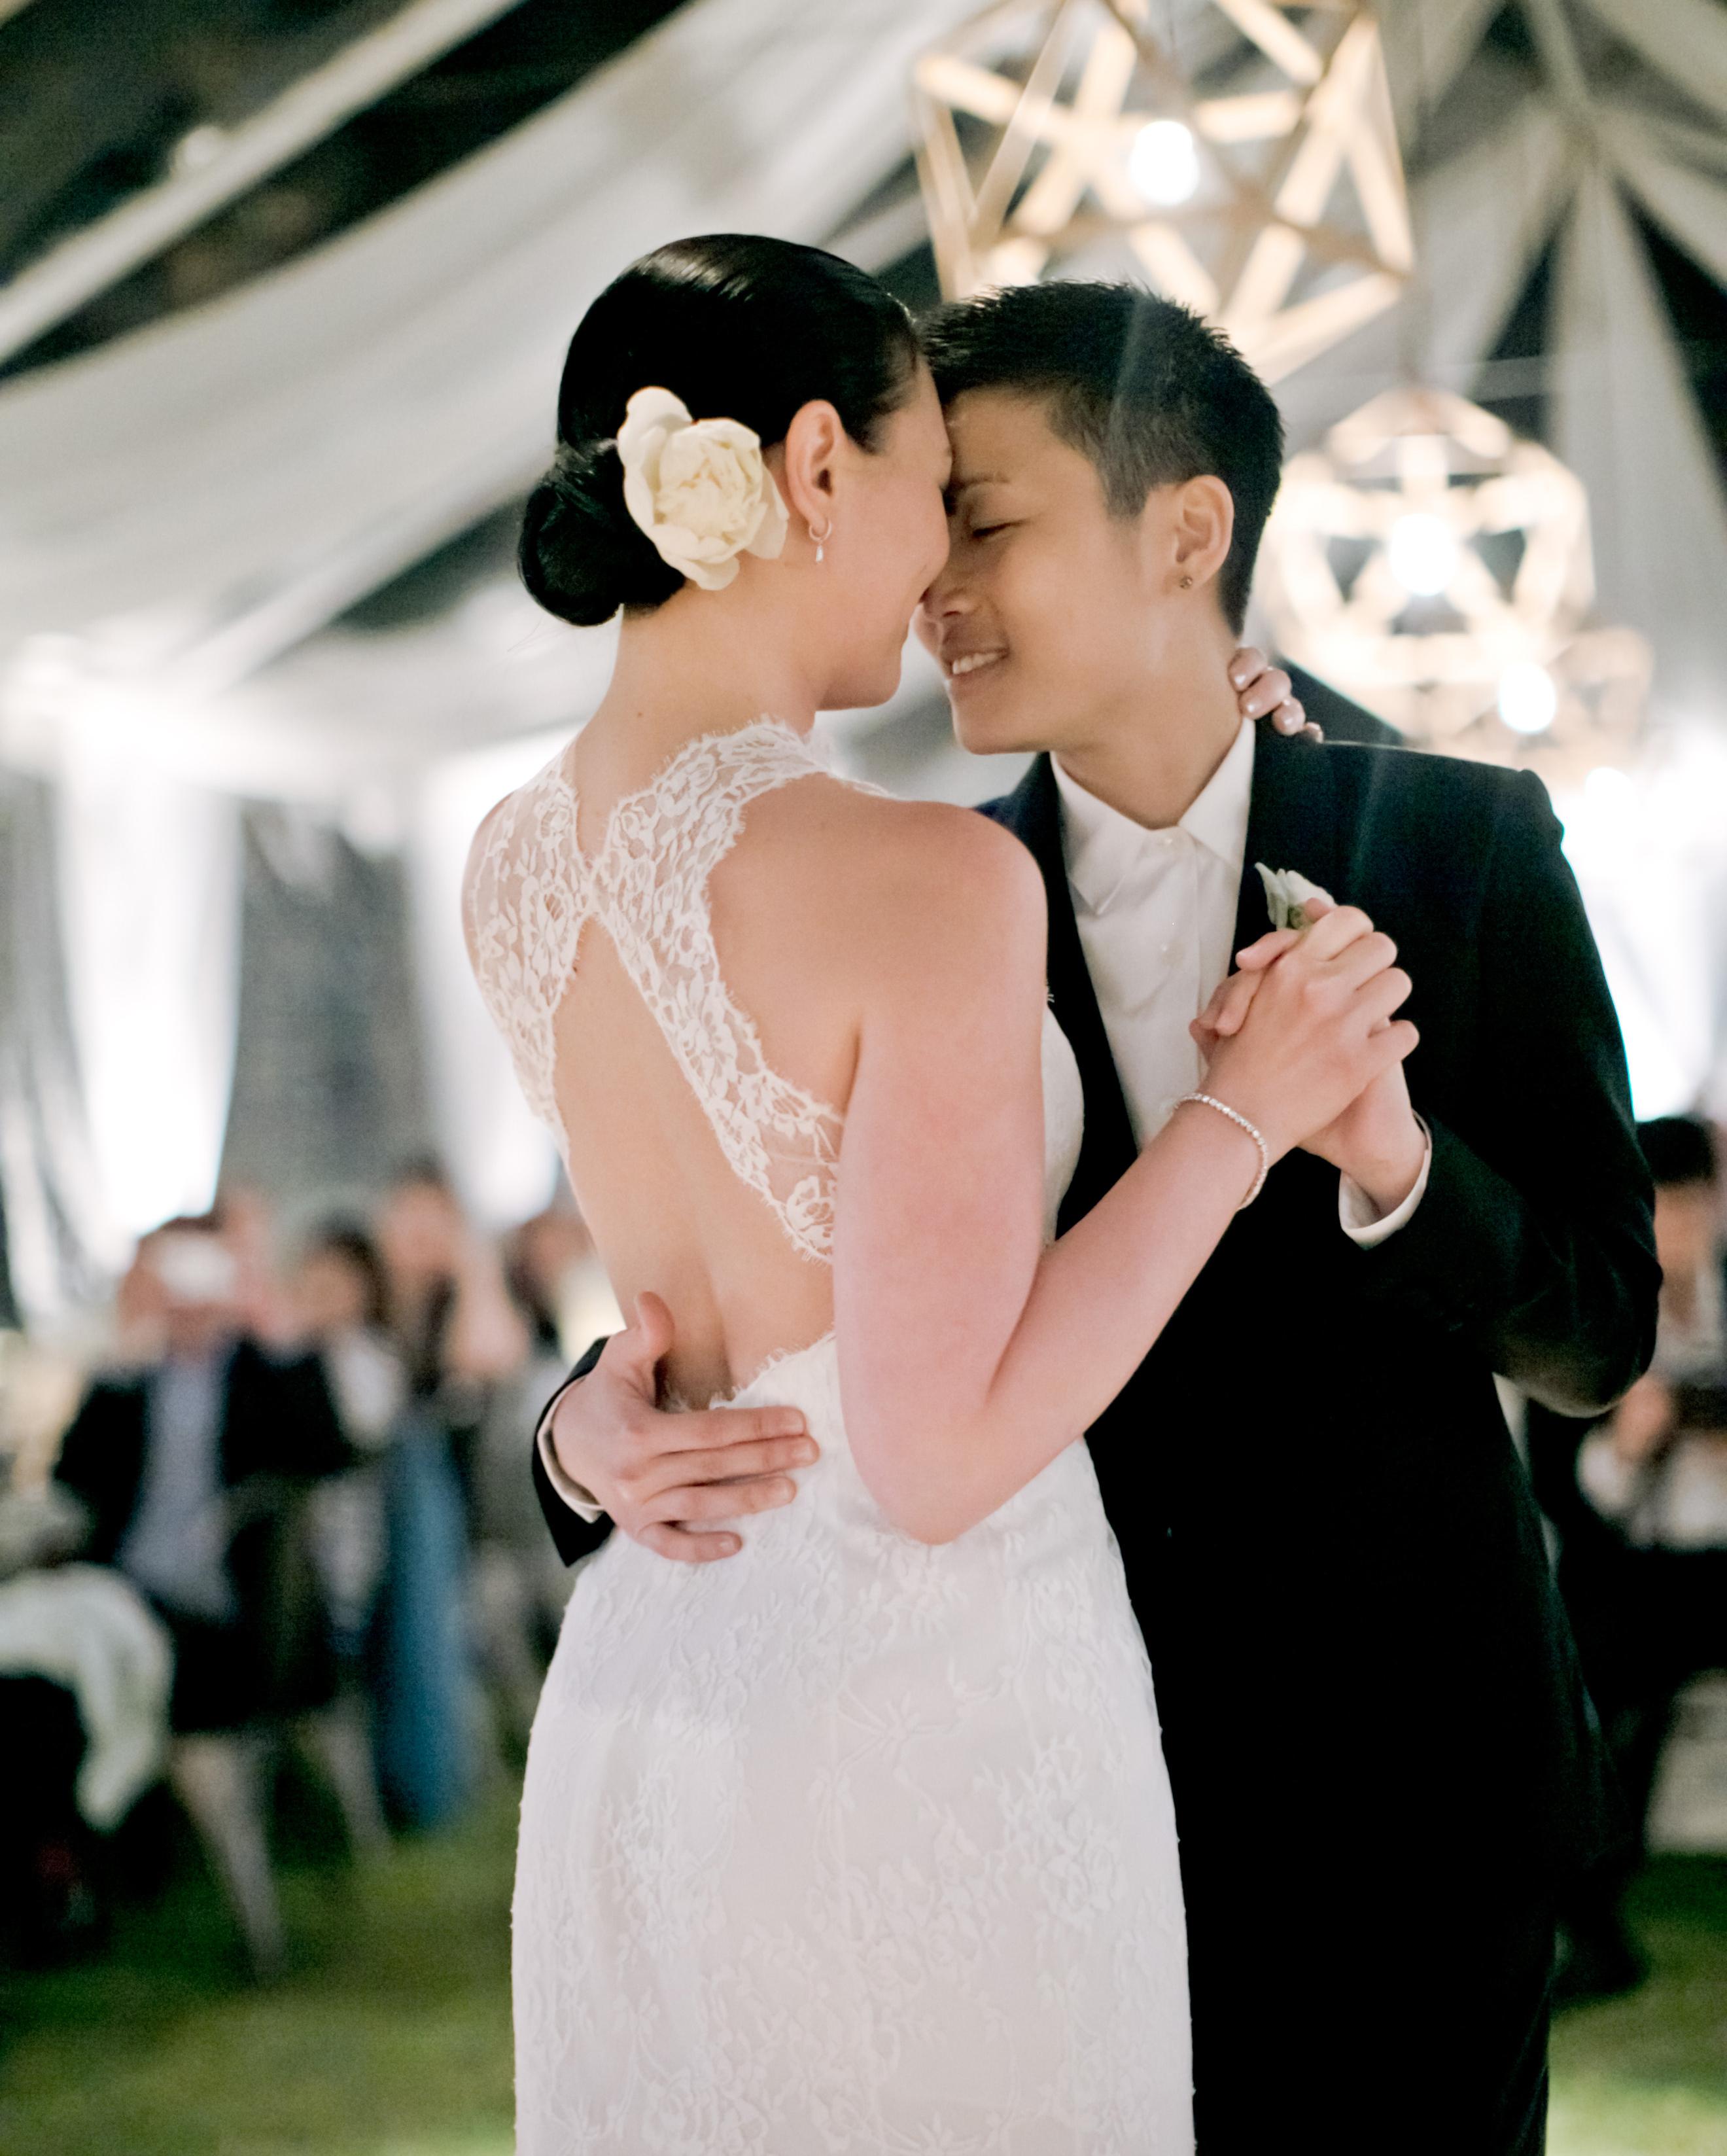 emma-michelle-wedding-dance-1524-s112079-0715.jpg